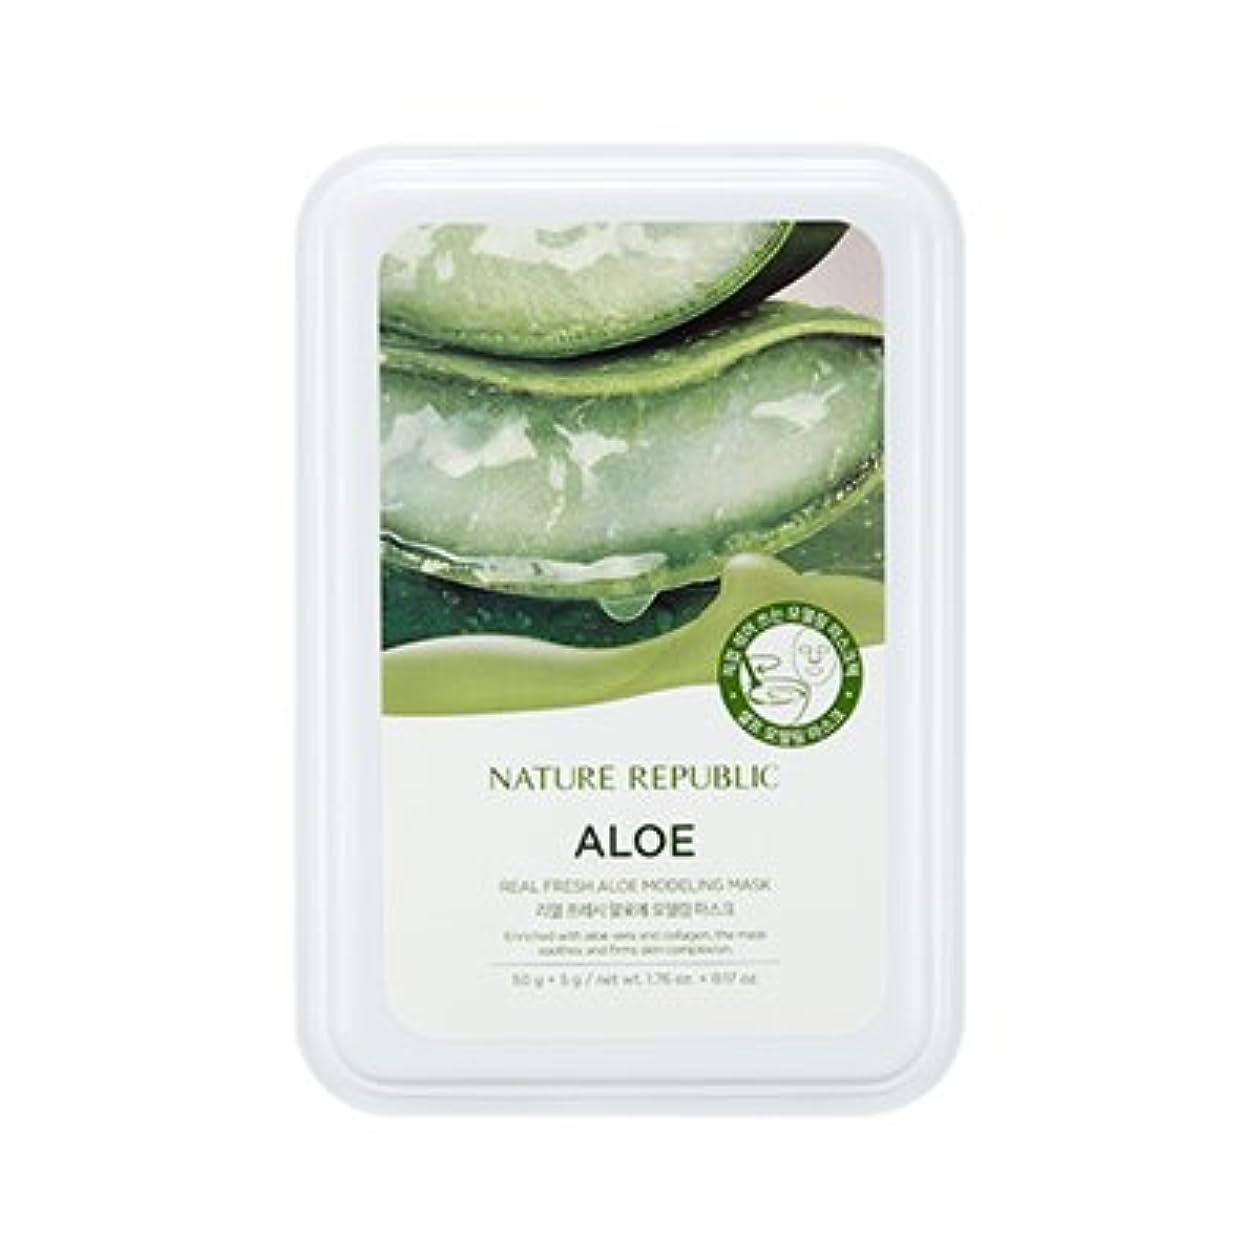 アサーグロー症候群NATURE REPUBLIC Real Fresh Aloe Modeling Mask / ネイチャーリパブリック リアルフレッシュアロエモデリングマスク [並行輸入品]